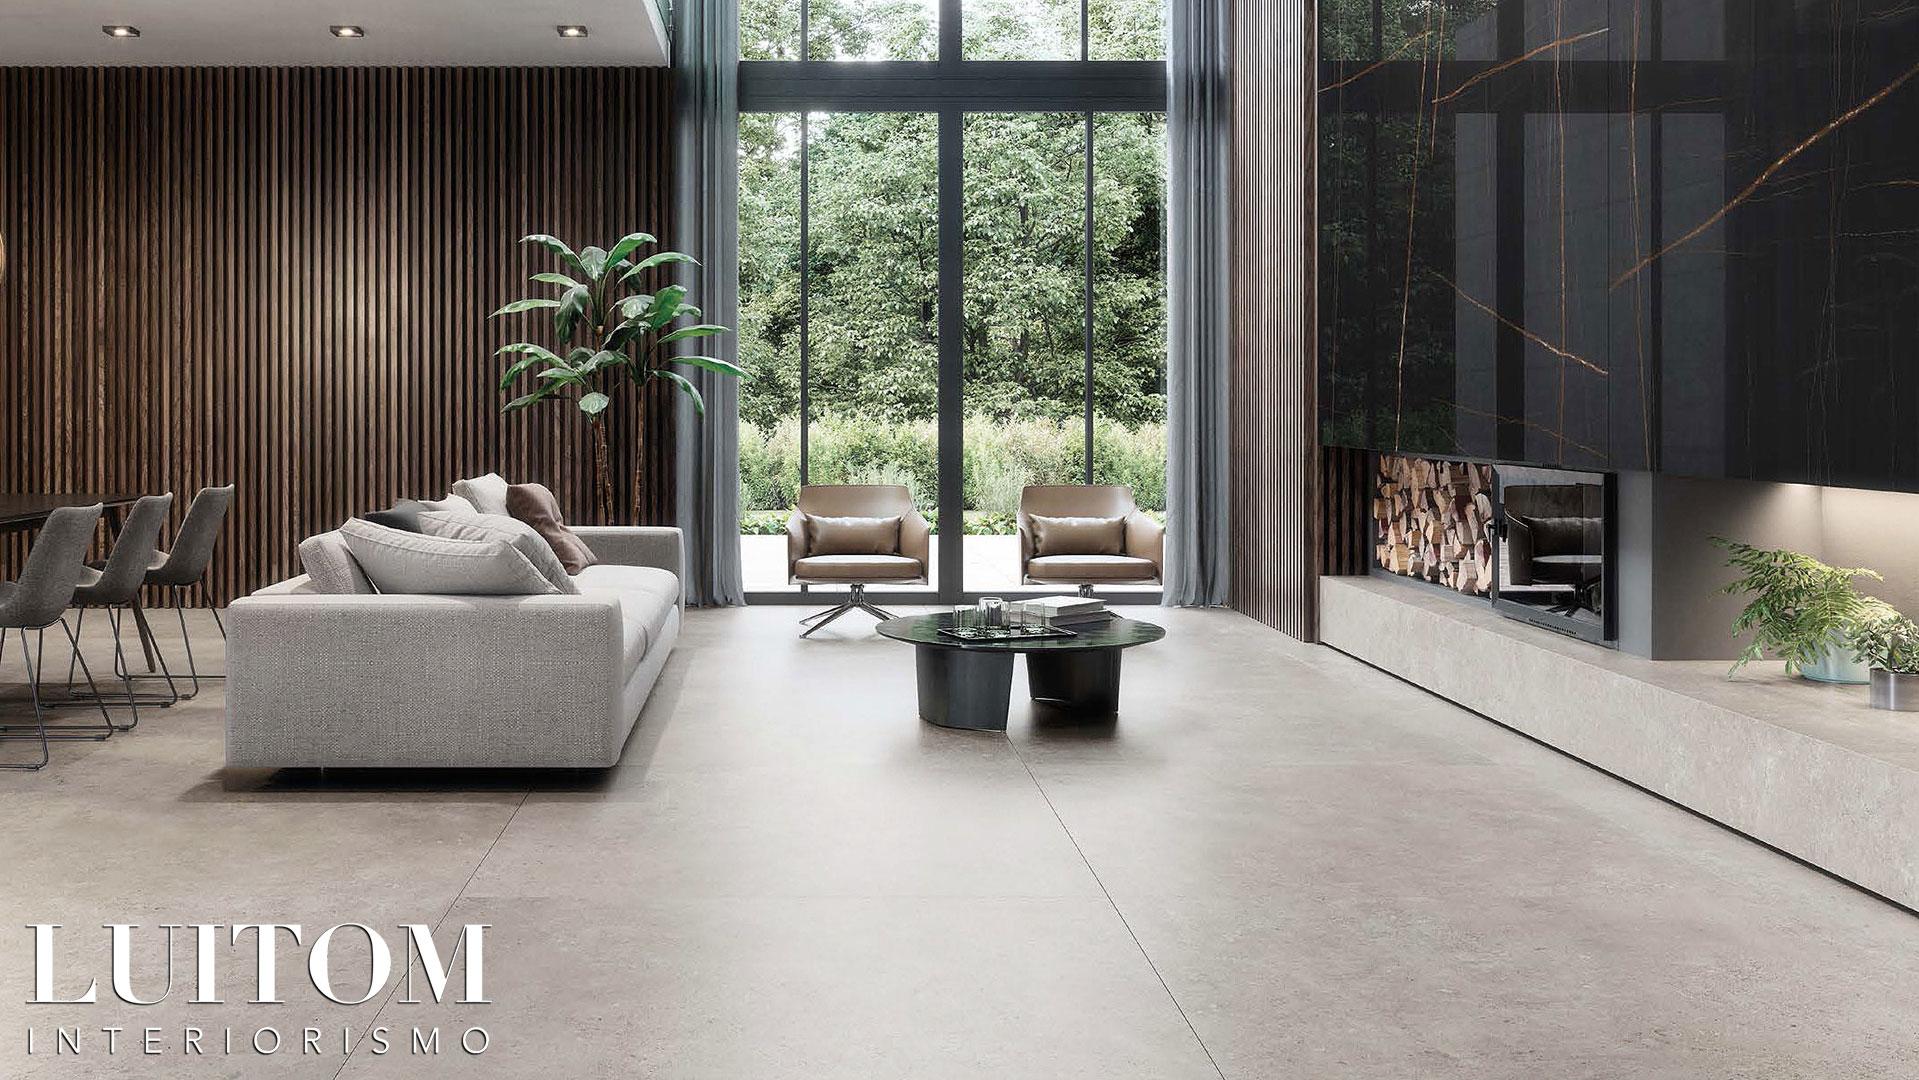 luxury-modern-home-design-architects-luitom-arquitectos-interioristas-casas-modernas-lujo-madrid-01